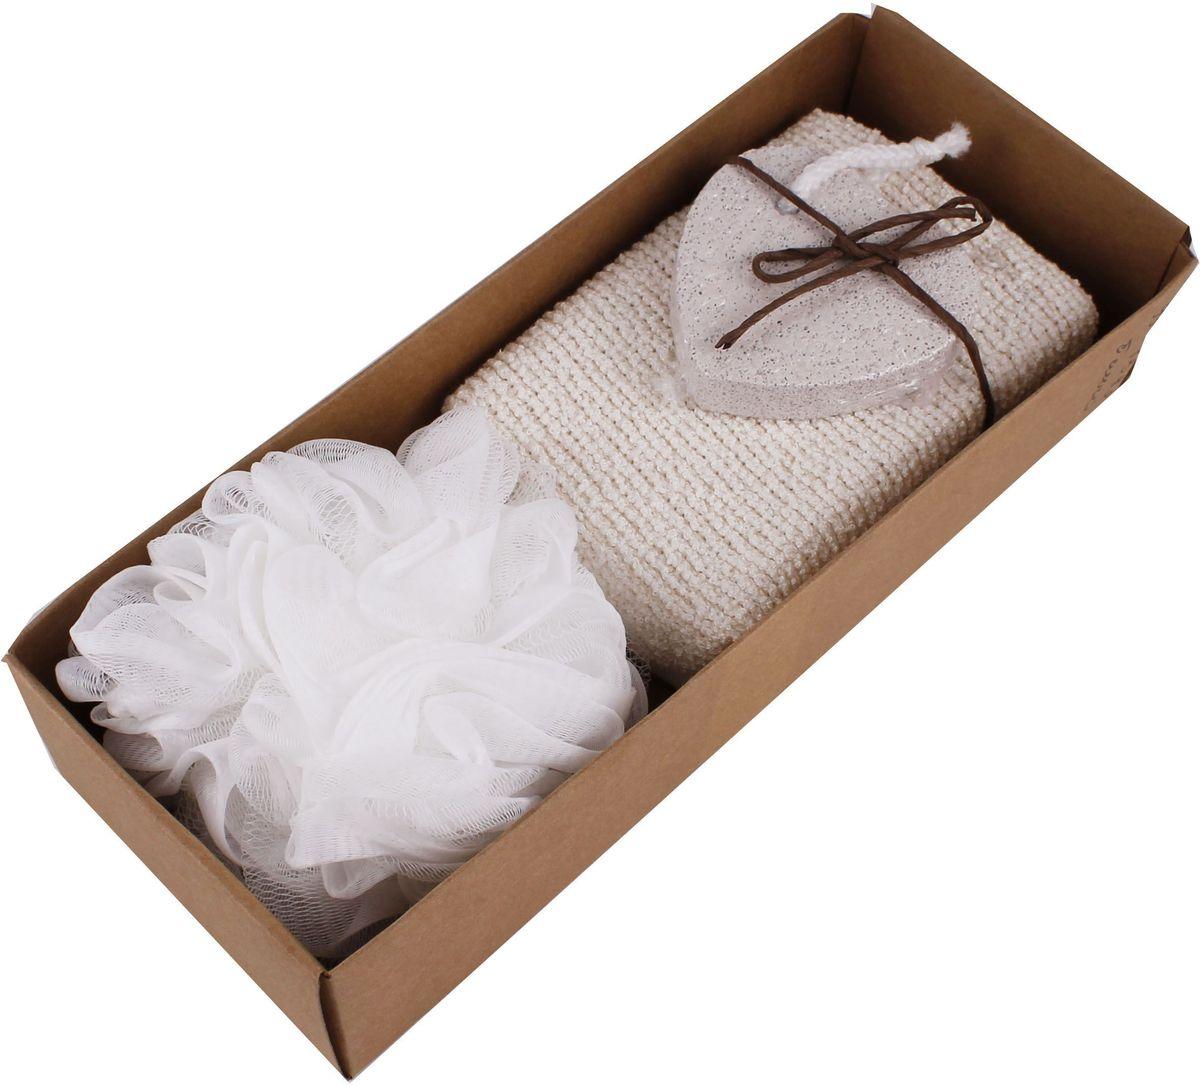 """Набор банных аксессуаров """"Patricia"""" включает в себя 3 предмета:    - мочалка-губка (11,5 х 10 см), выполненная из синтетического материала;   - мочалка (12 х 9 х 4 см) - хлопковый шенил;  - пемза (7 х 6,5 см).      Такой набор станет не заменимым и сделает банную процедуру еще более комфортной."""